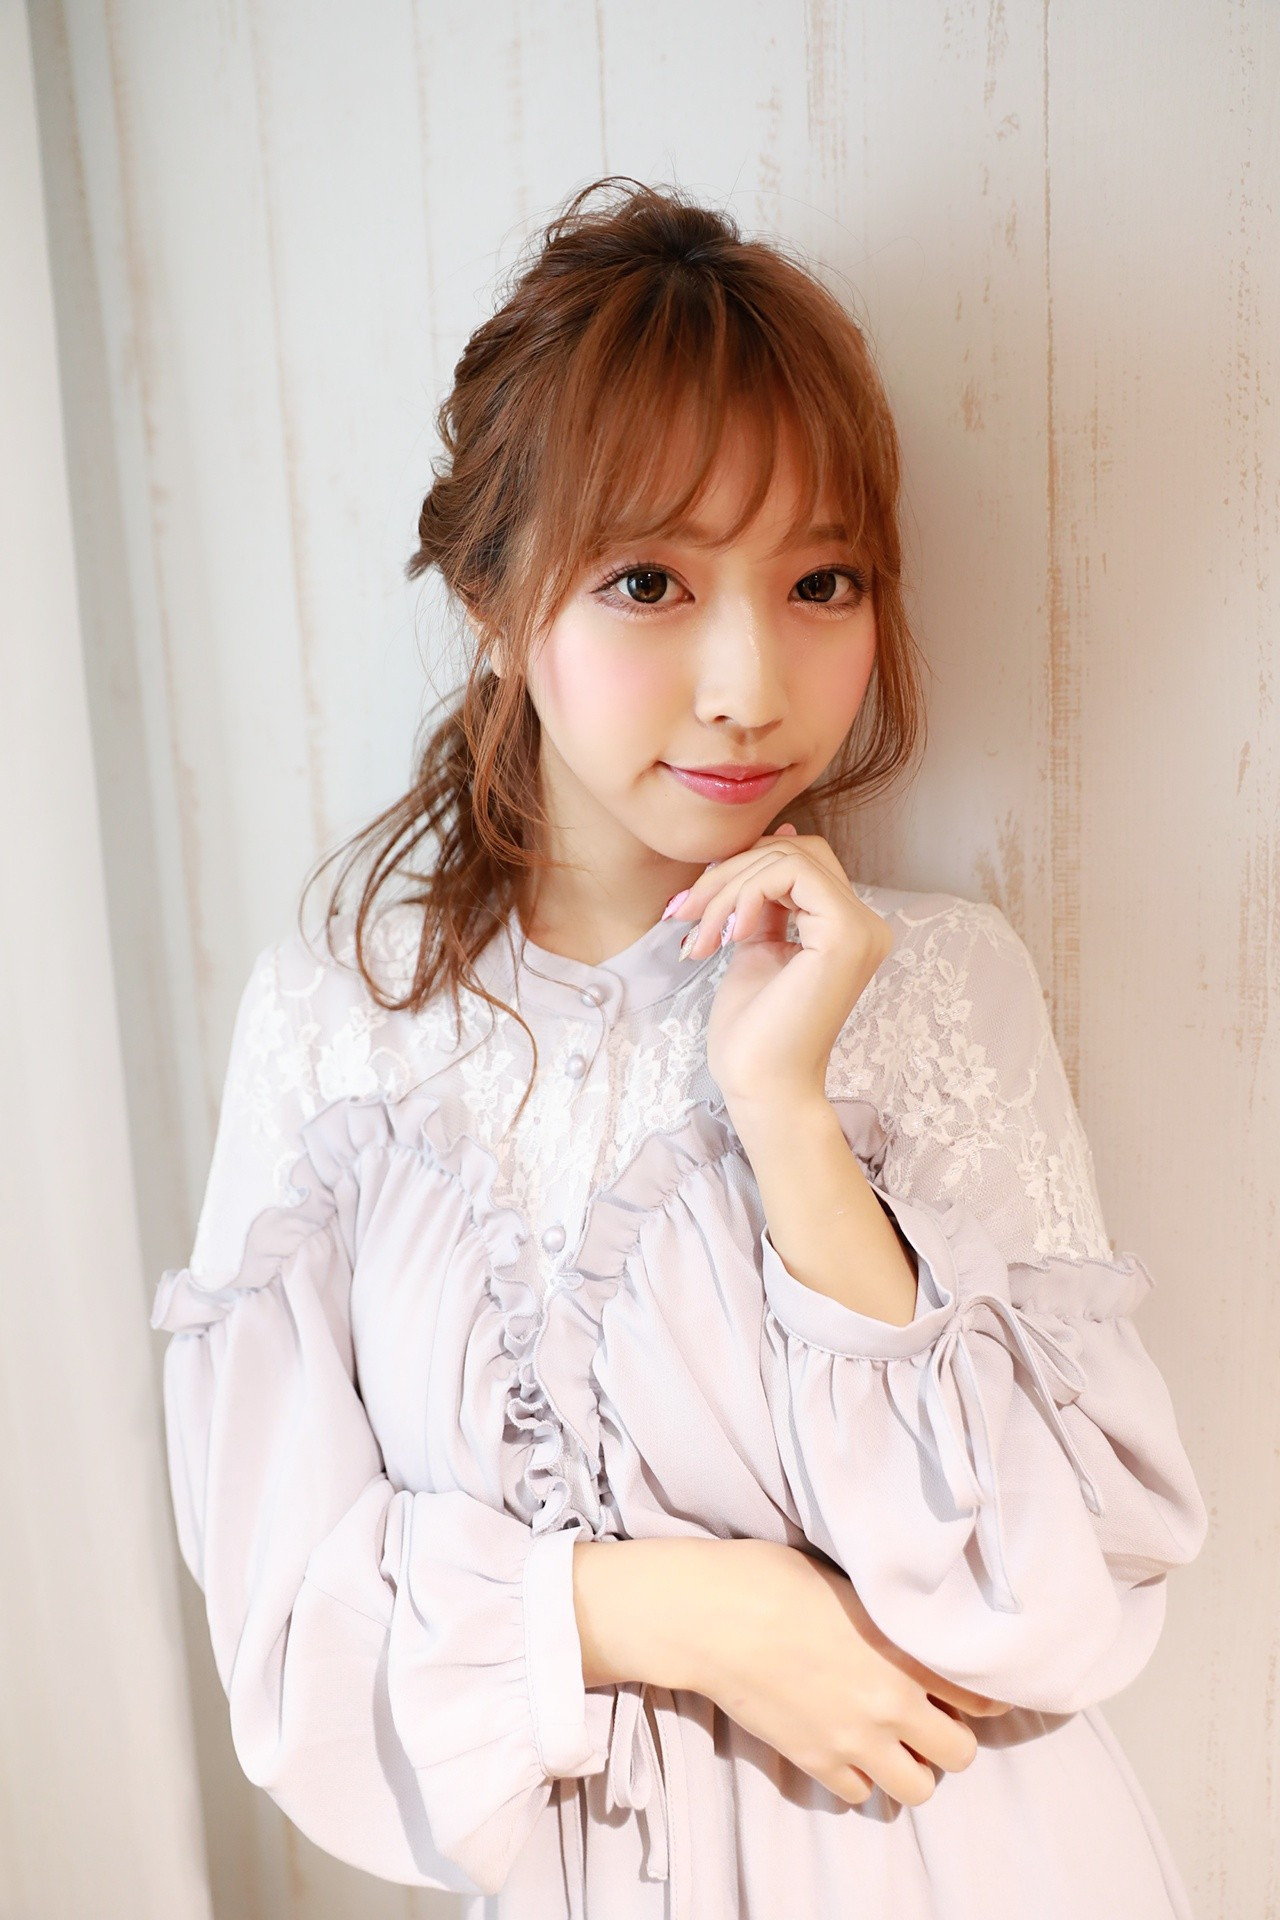 【前髪あり】キュート&ガーリッシュなスタイル Naoko Miura